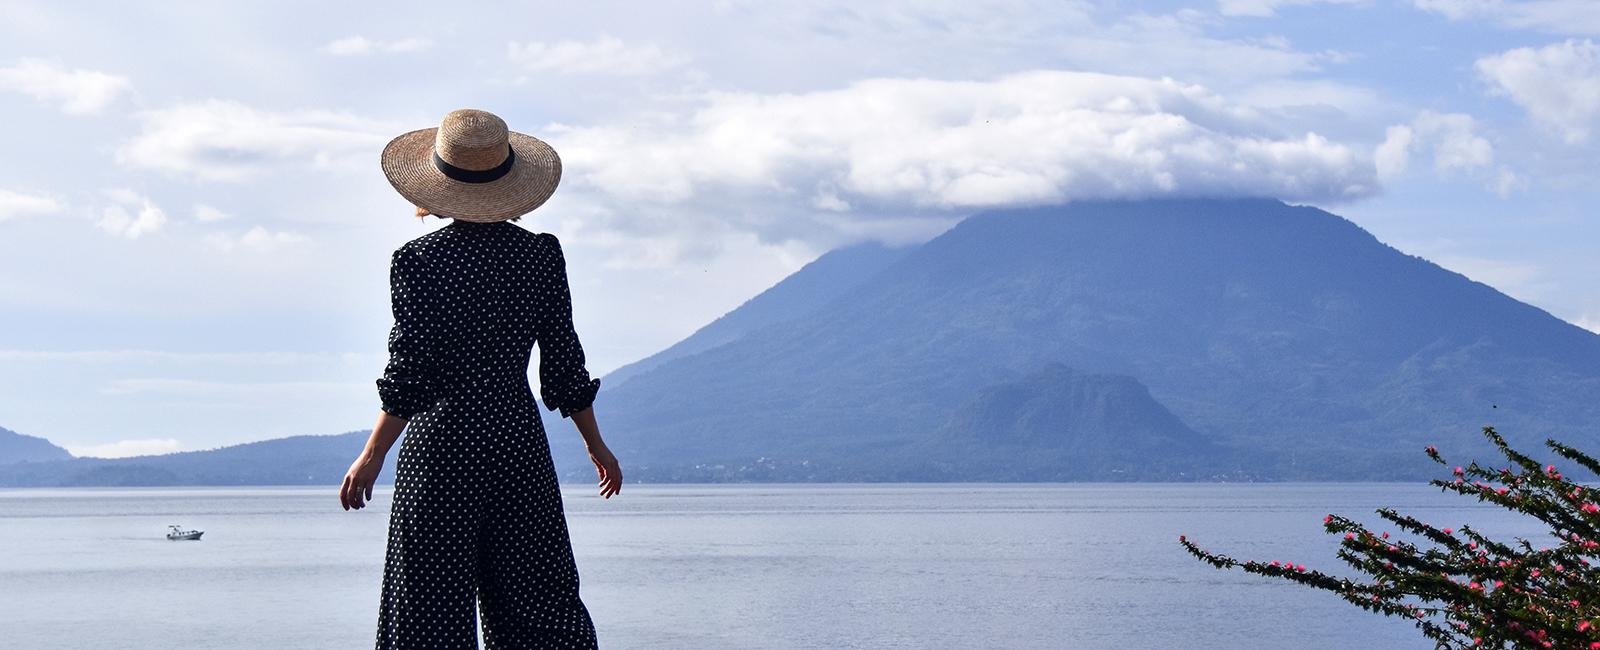 Dix jours au Guatemala – Lago de Atitlán y Chichicastenango